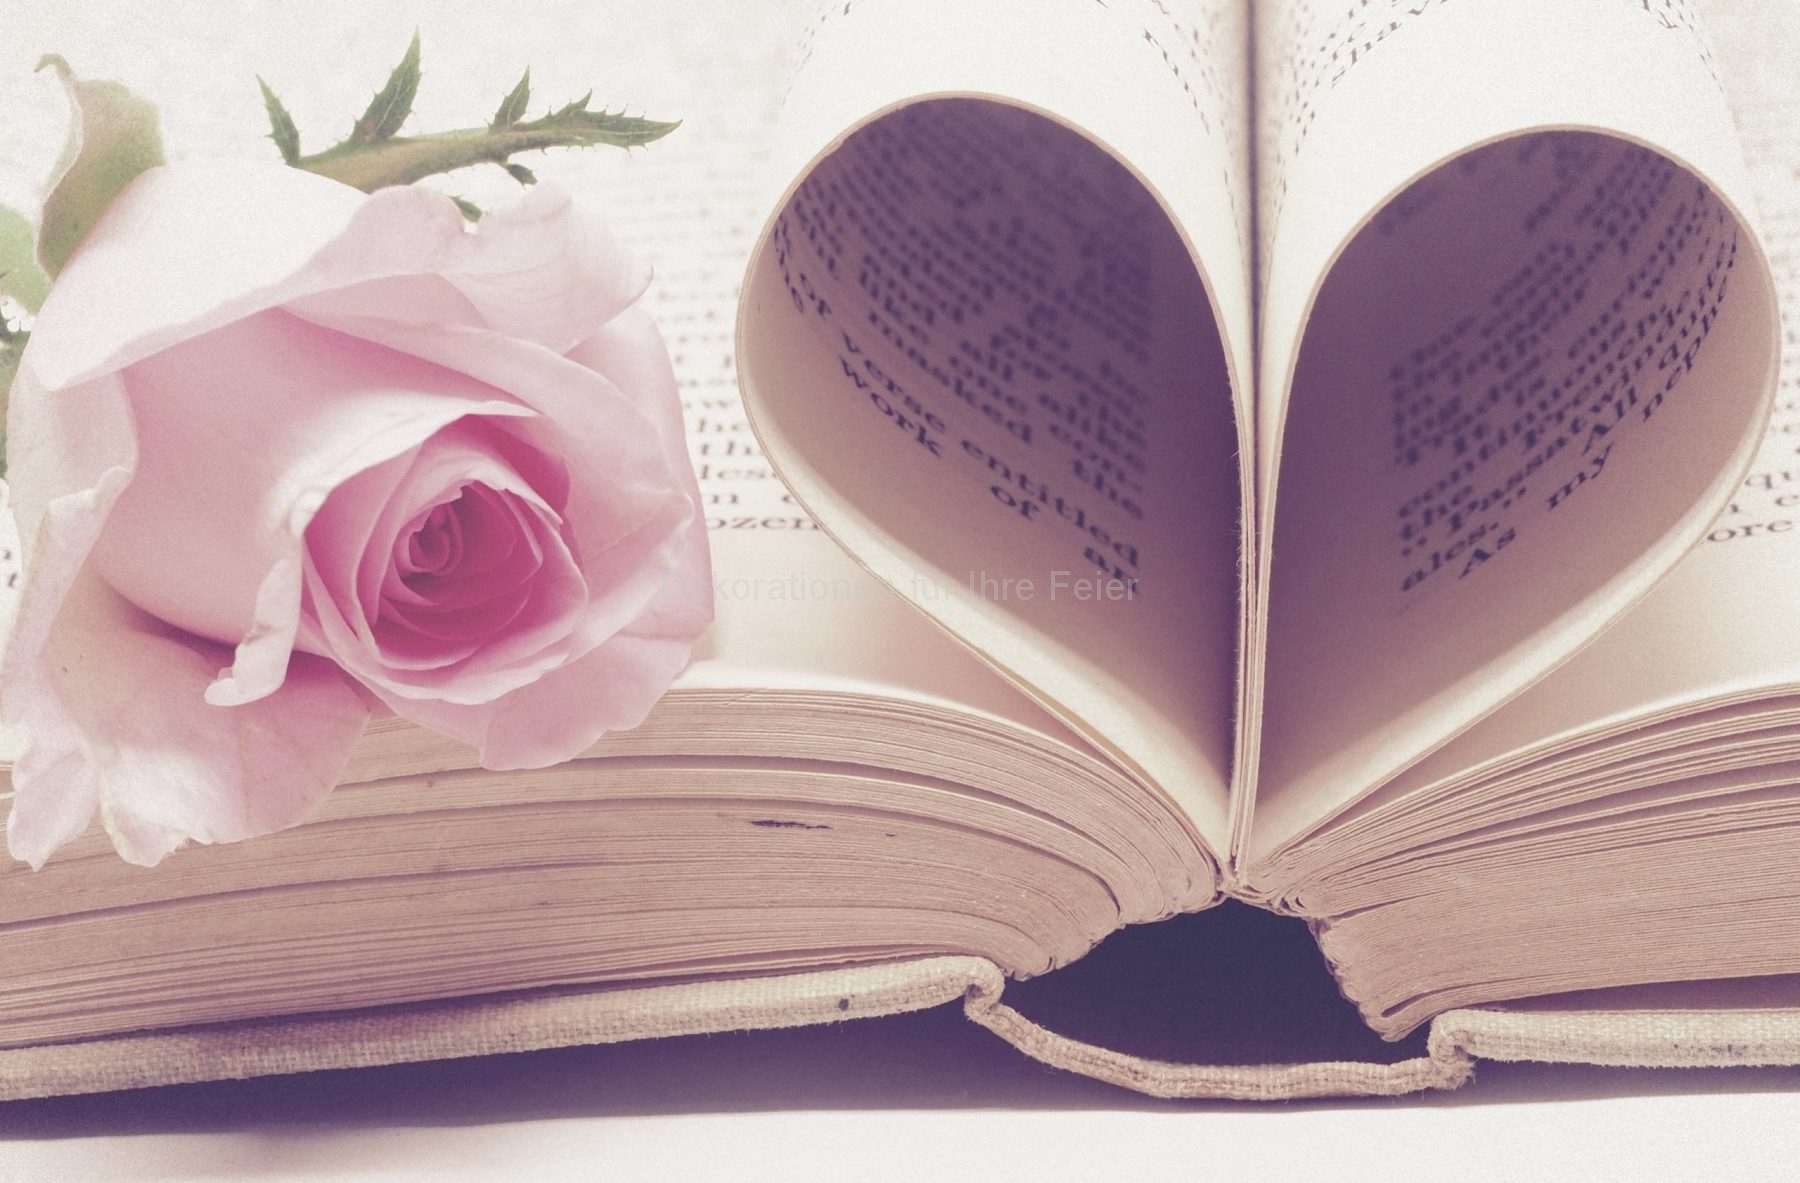 Bild eines Buches, die Seiten als Herz geformt, mit einer rosa Rose auf dem Buch